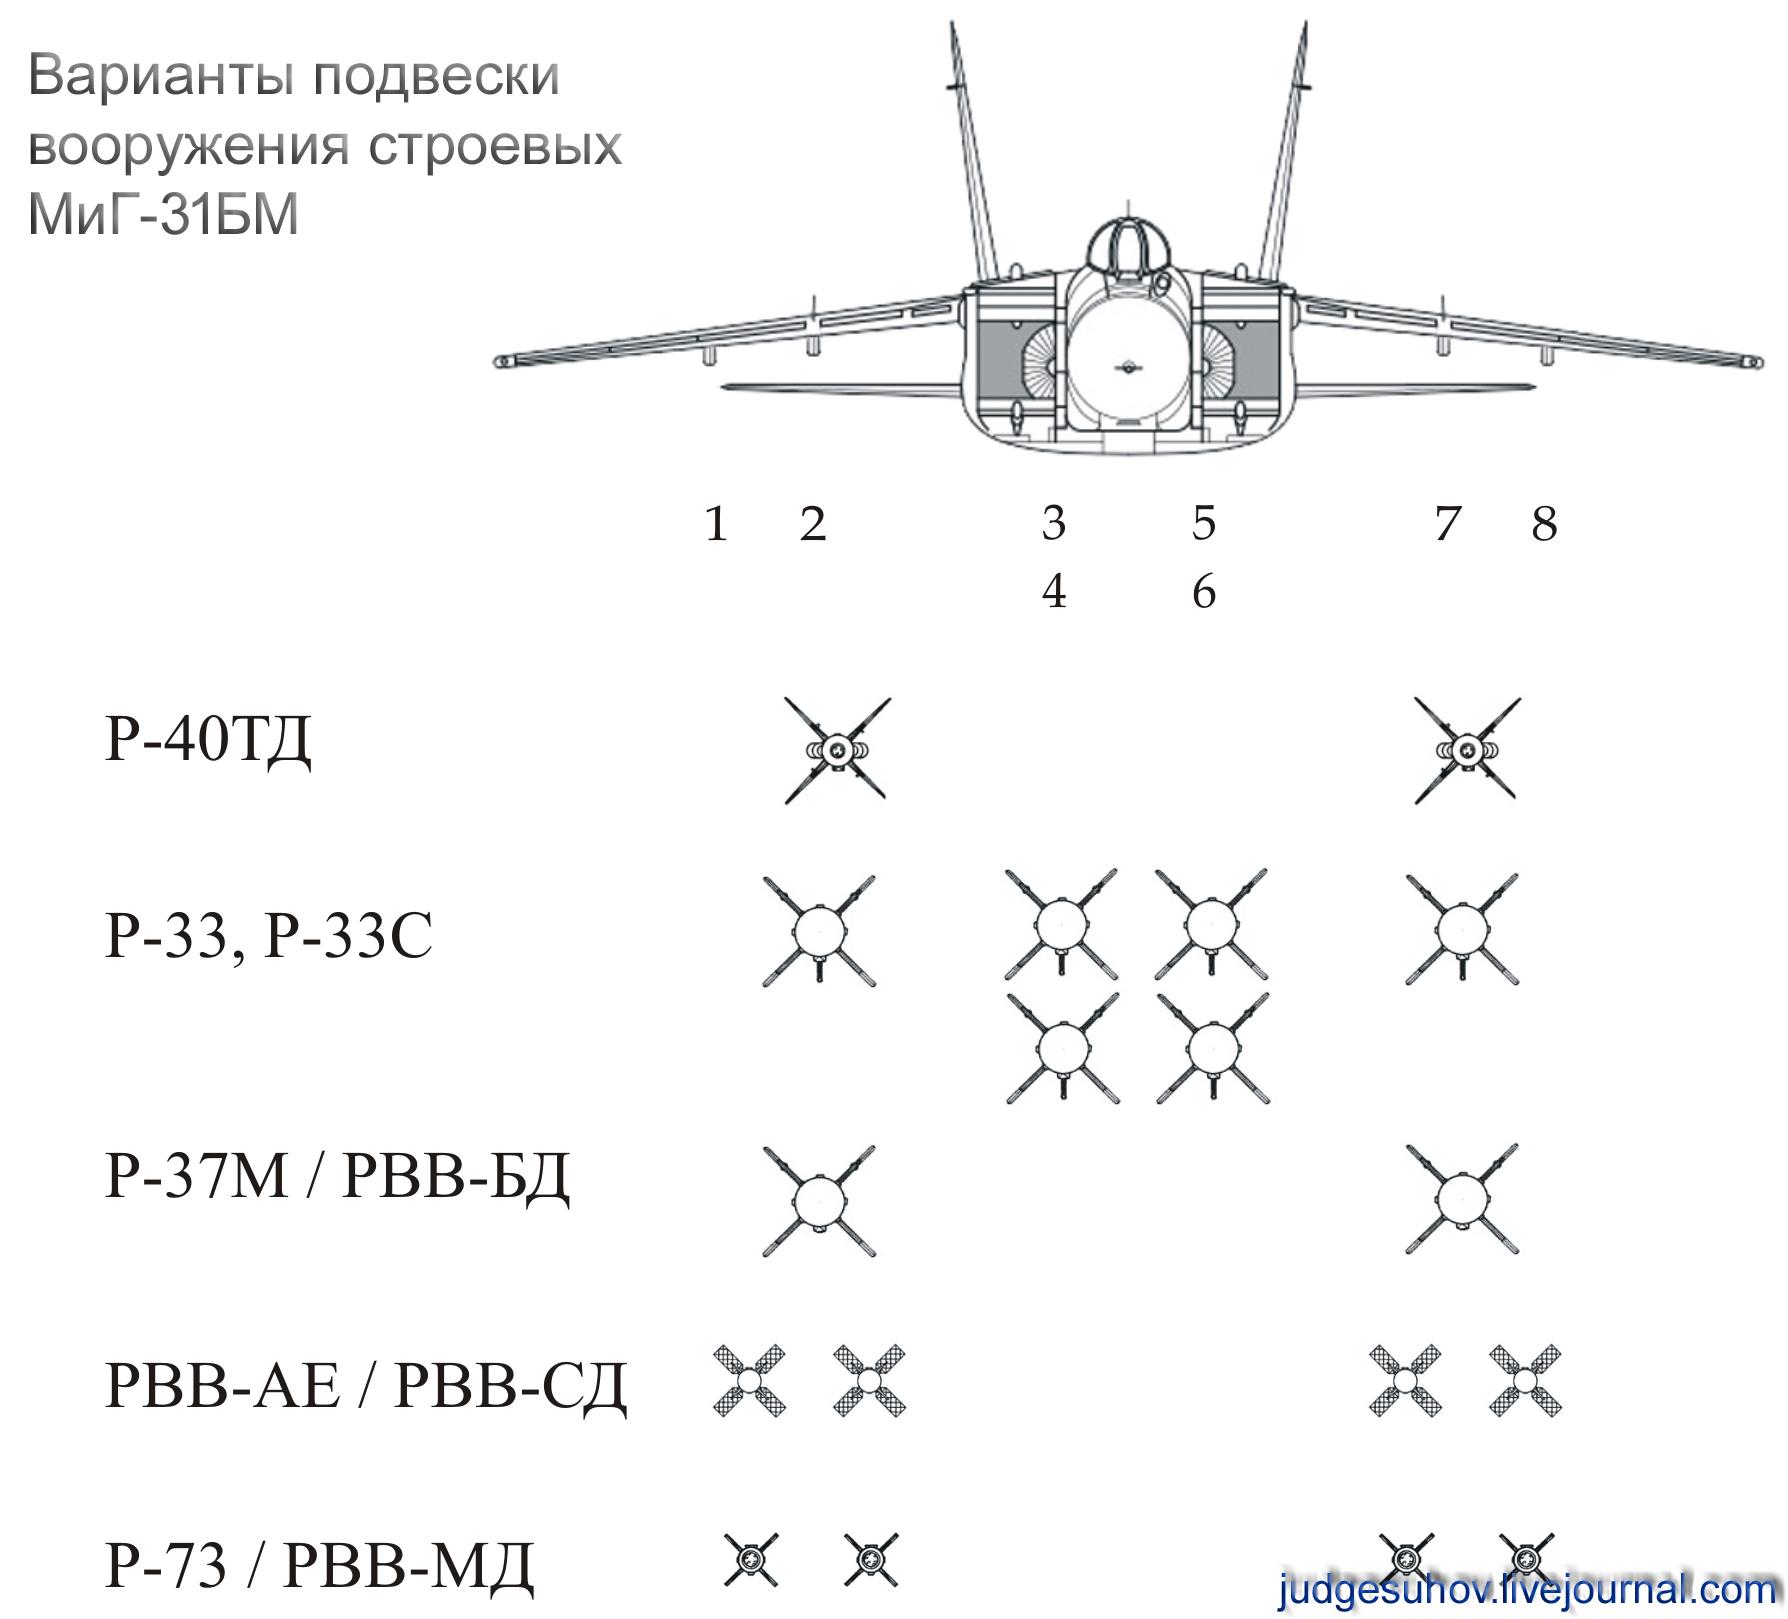 подвеска МиГ-31БМ.jpg